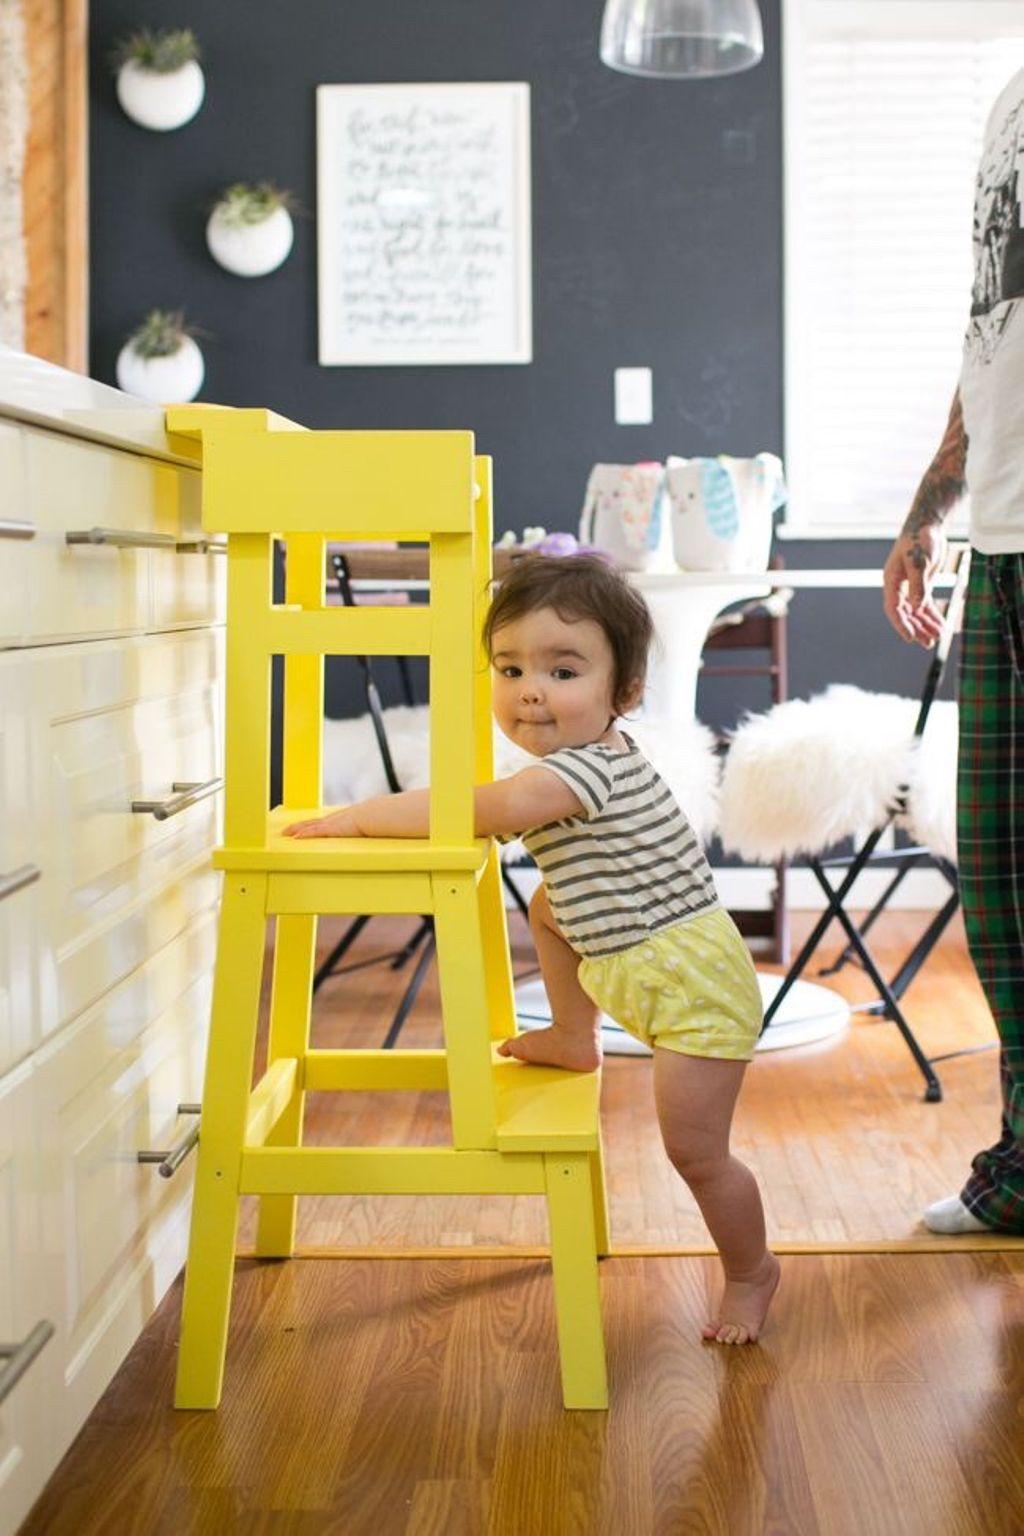 escabeau bois jaune marche-pied ikea hack enfant cuisine chaise haute à fabriquer soi-même